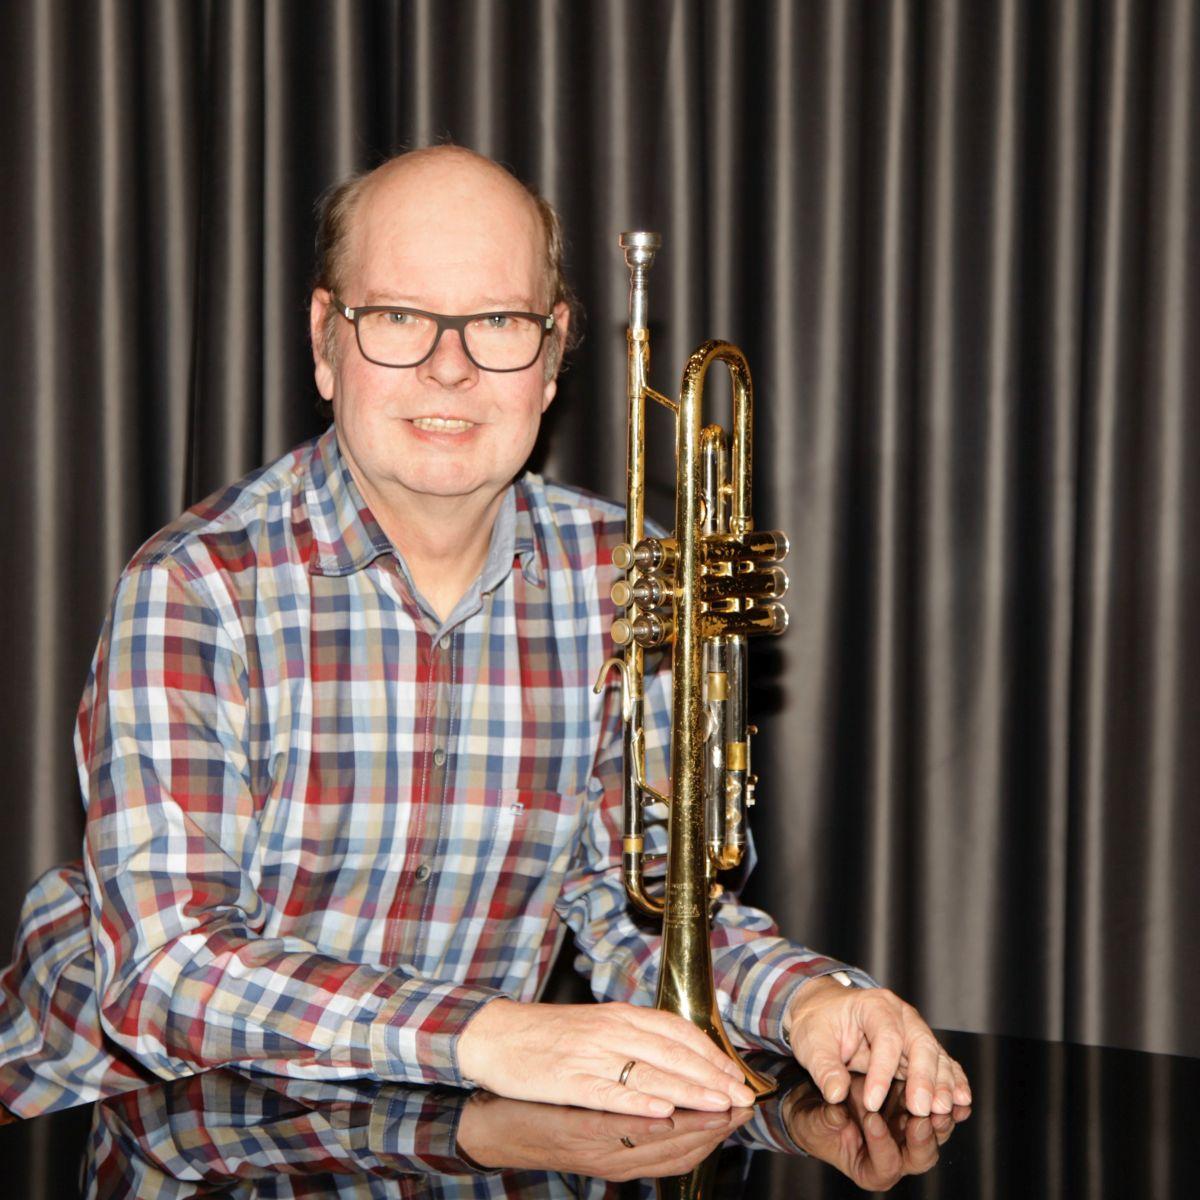 Bild von Klaus Dietrich Dietrich mit Trompete